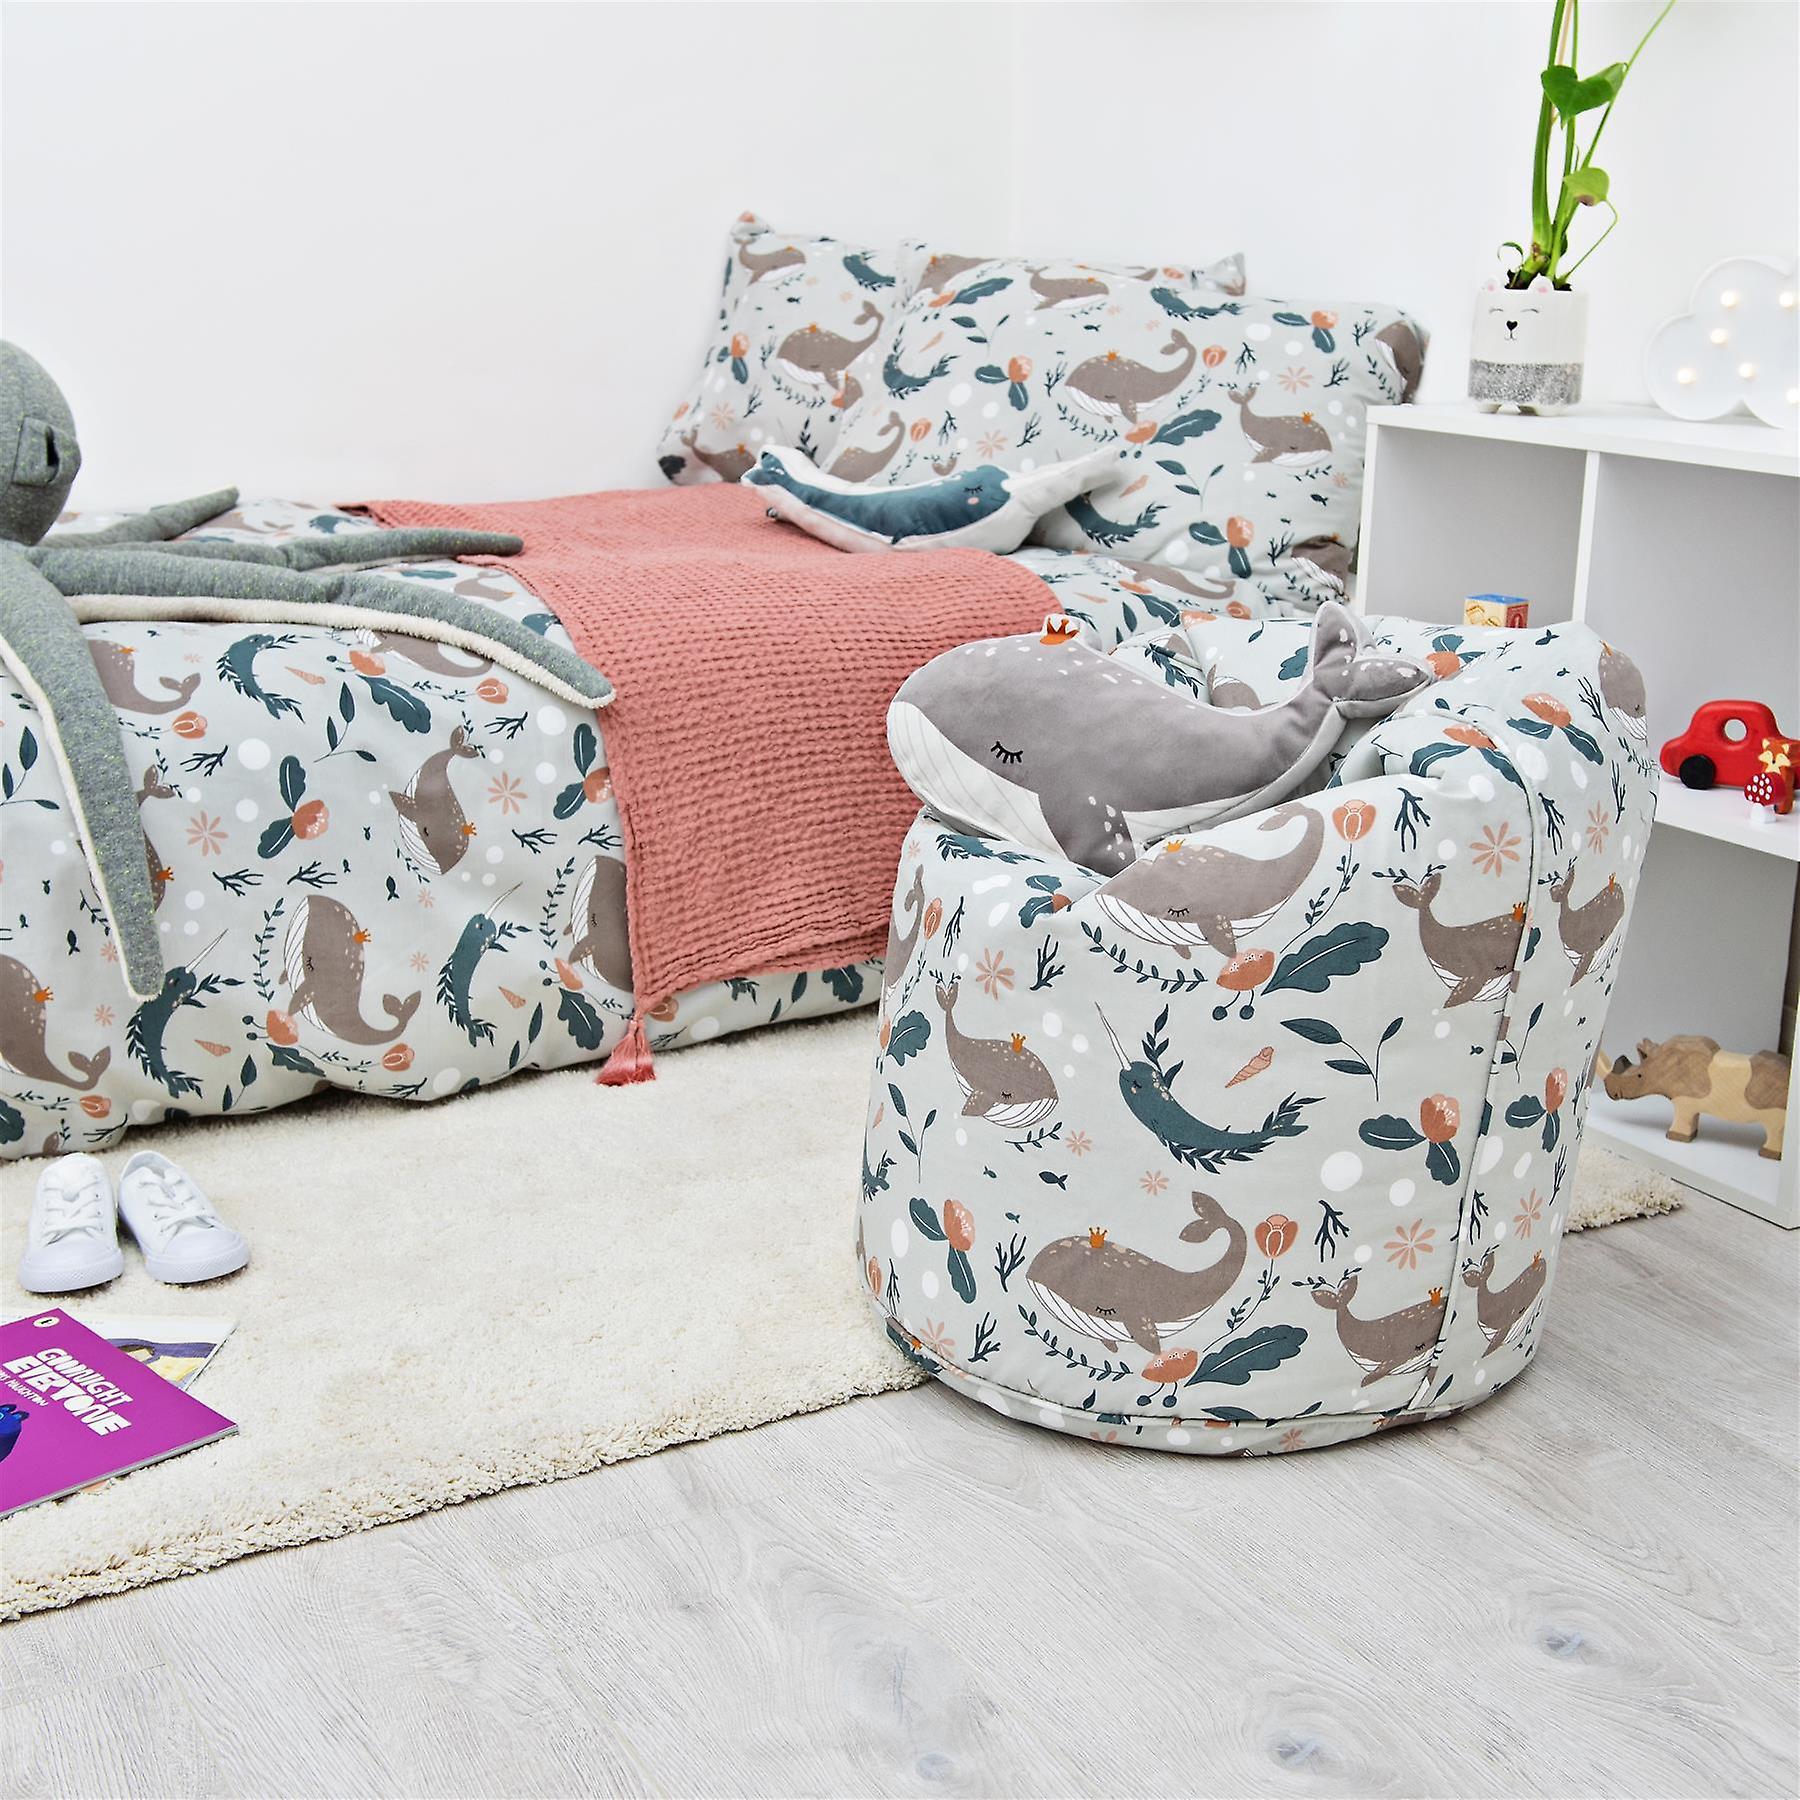 Ready Steady Bed Undersea Kids Toddler Children Bean Bag Chair (fr) Meubles pour tout-petits confortables (fr) Salle de jeux Soft Child Safe Seat (fr) Ergonomique